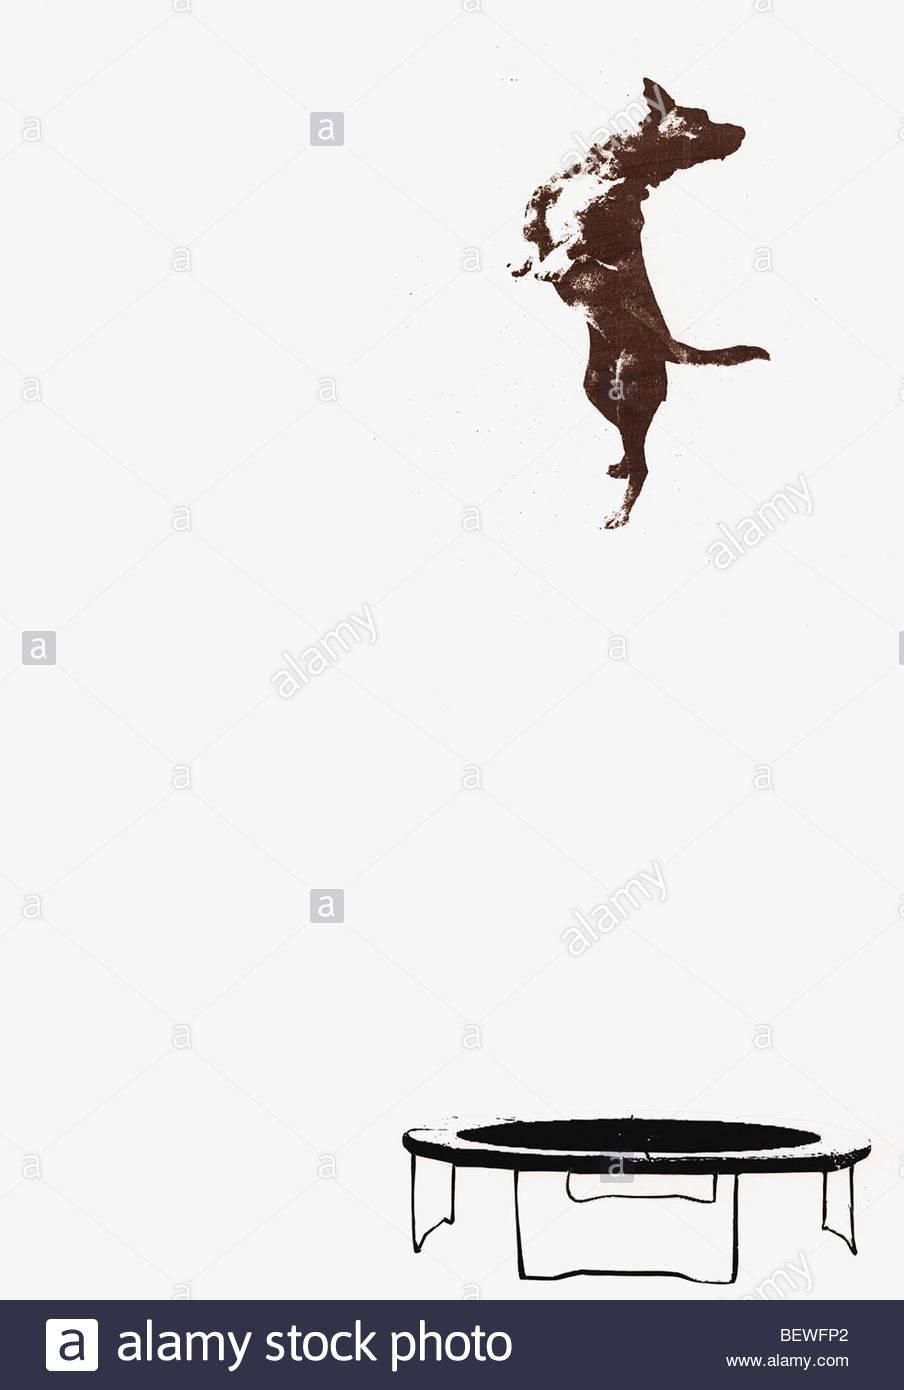 Perro saltando en trampolín Imagen De Stock